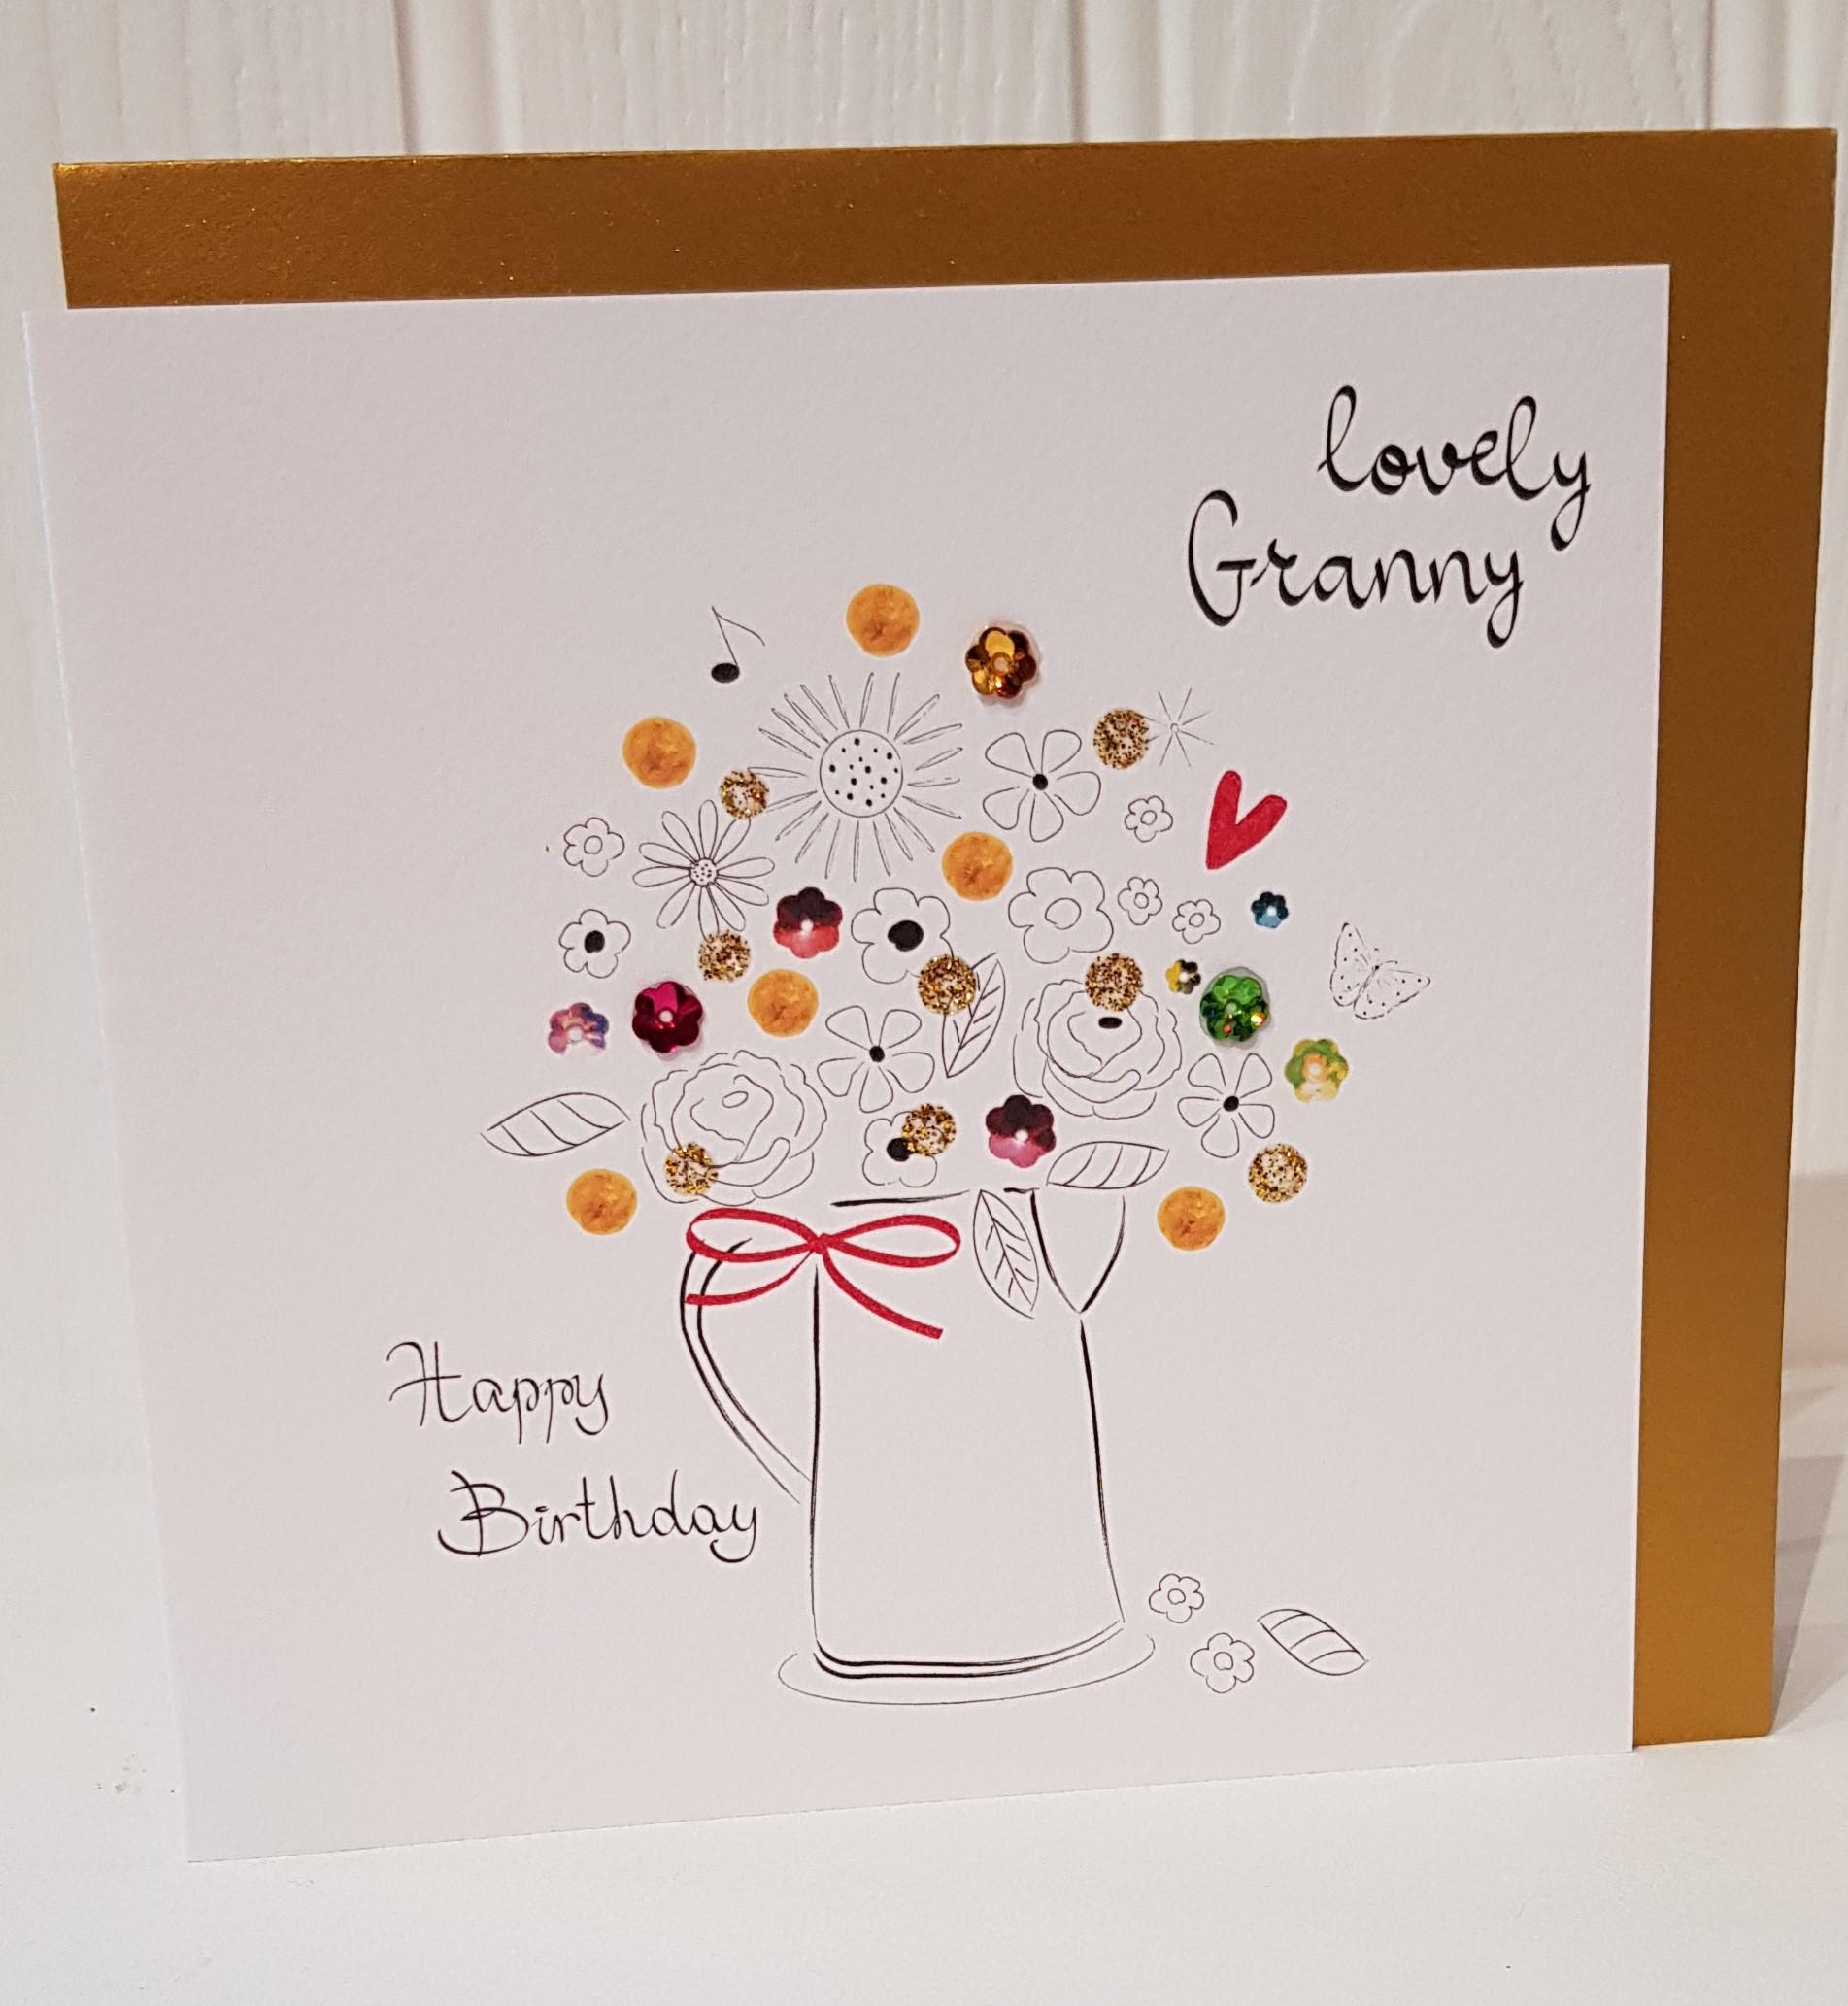 Birthday (R) Granny